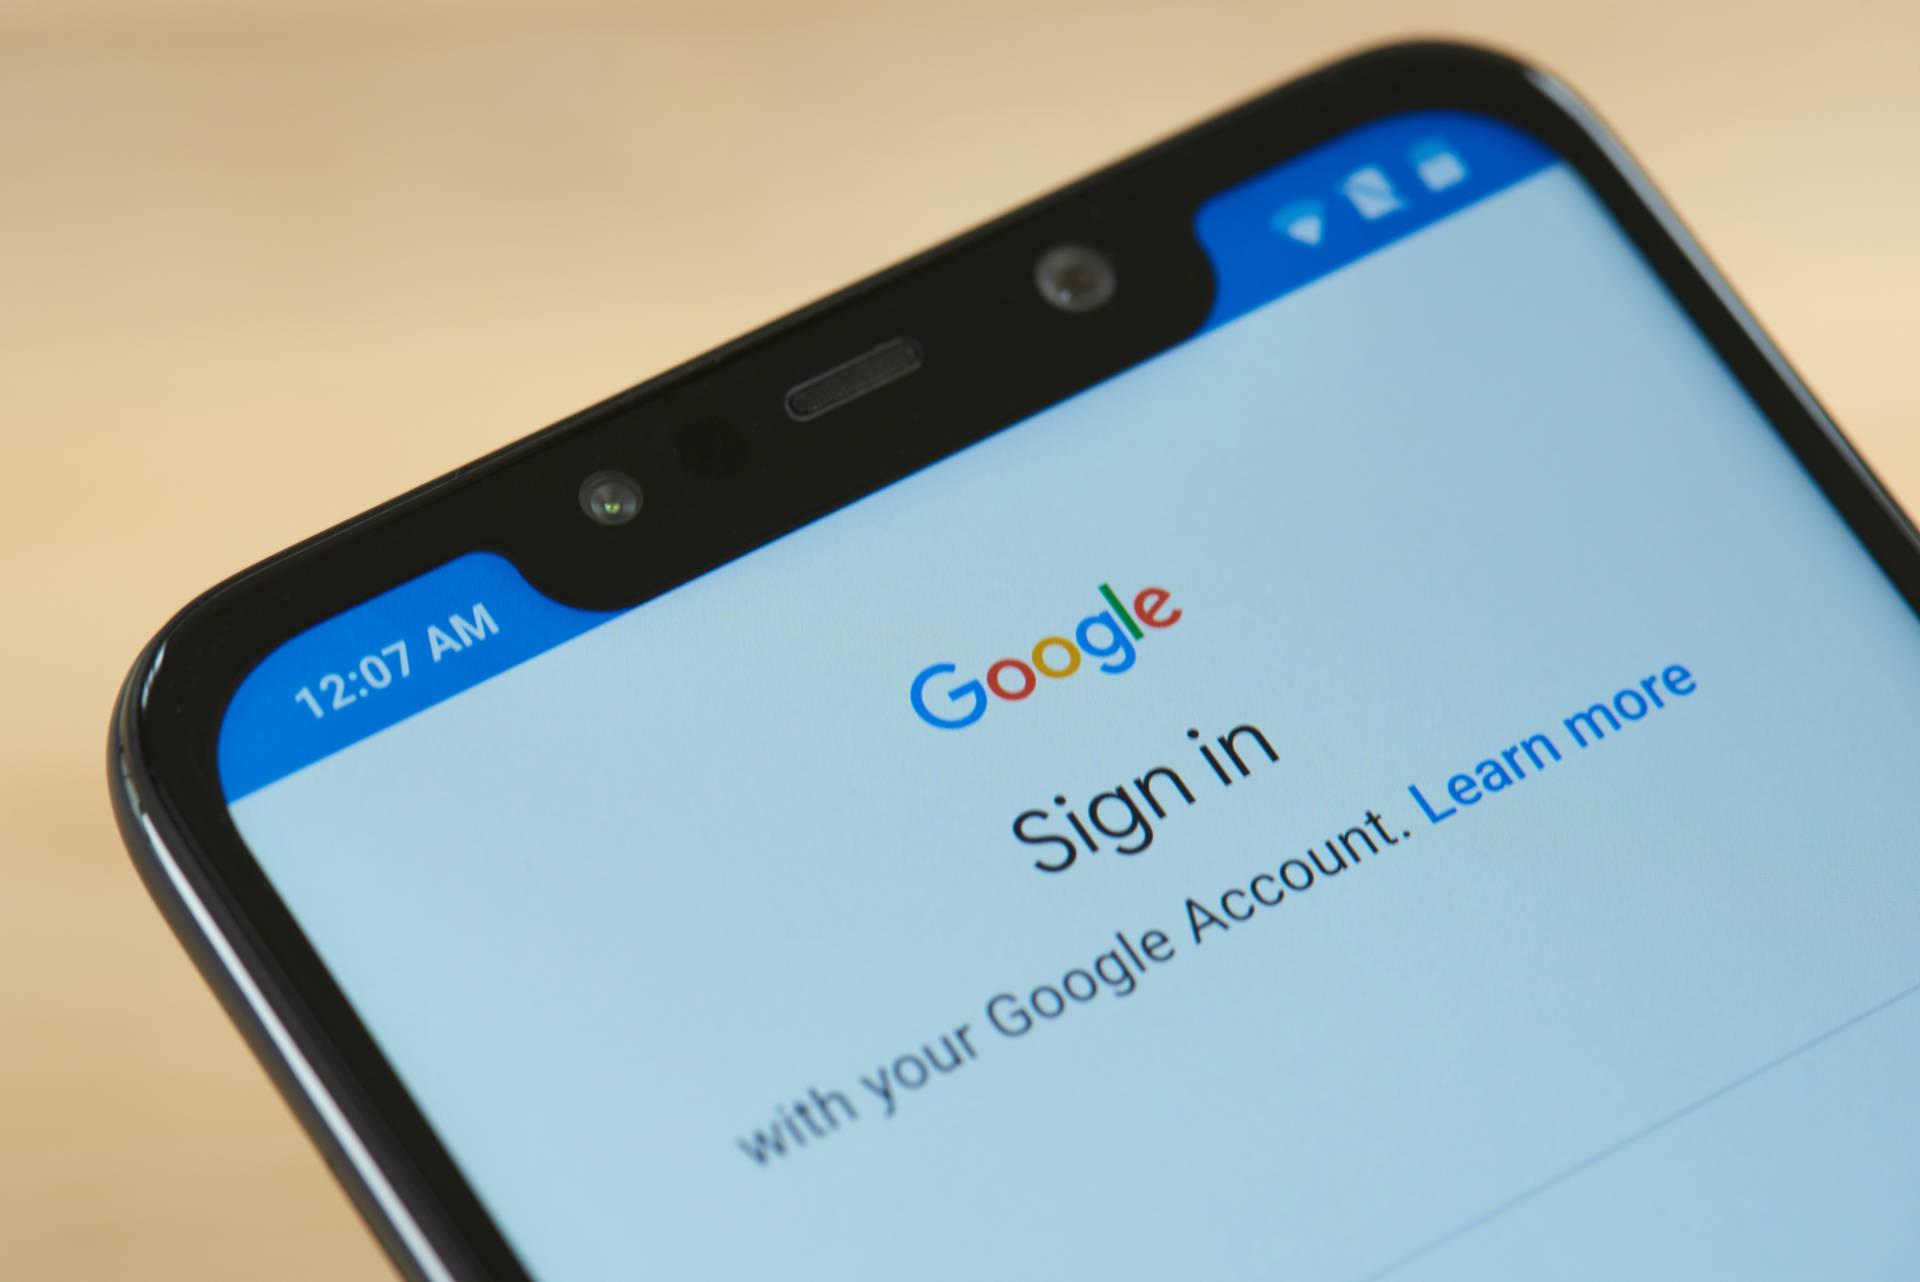 Sicurezza Account Google: un nuovo strumento per difendersi dagli hacker